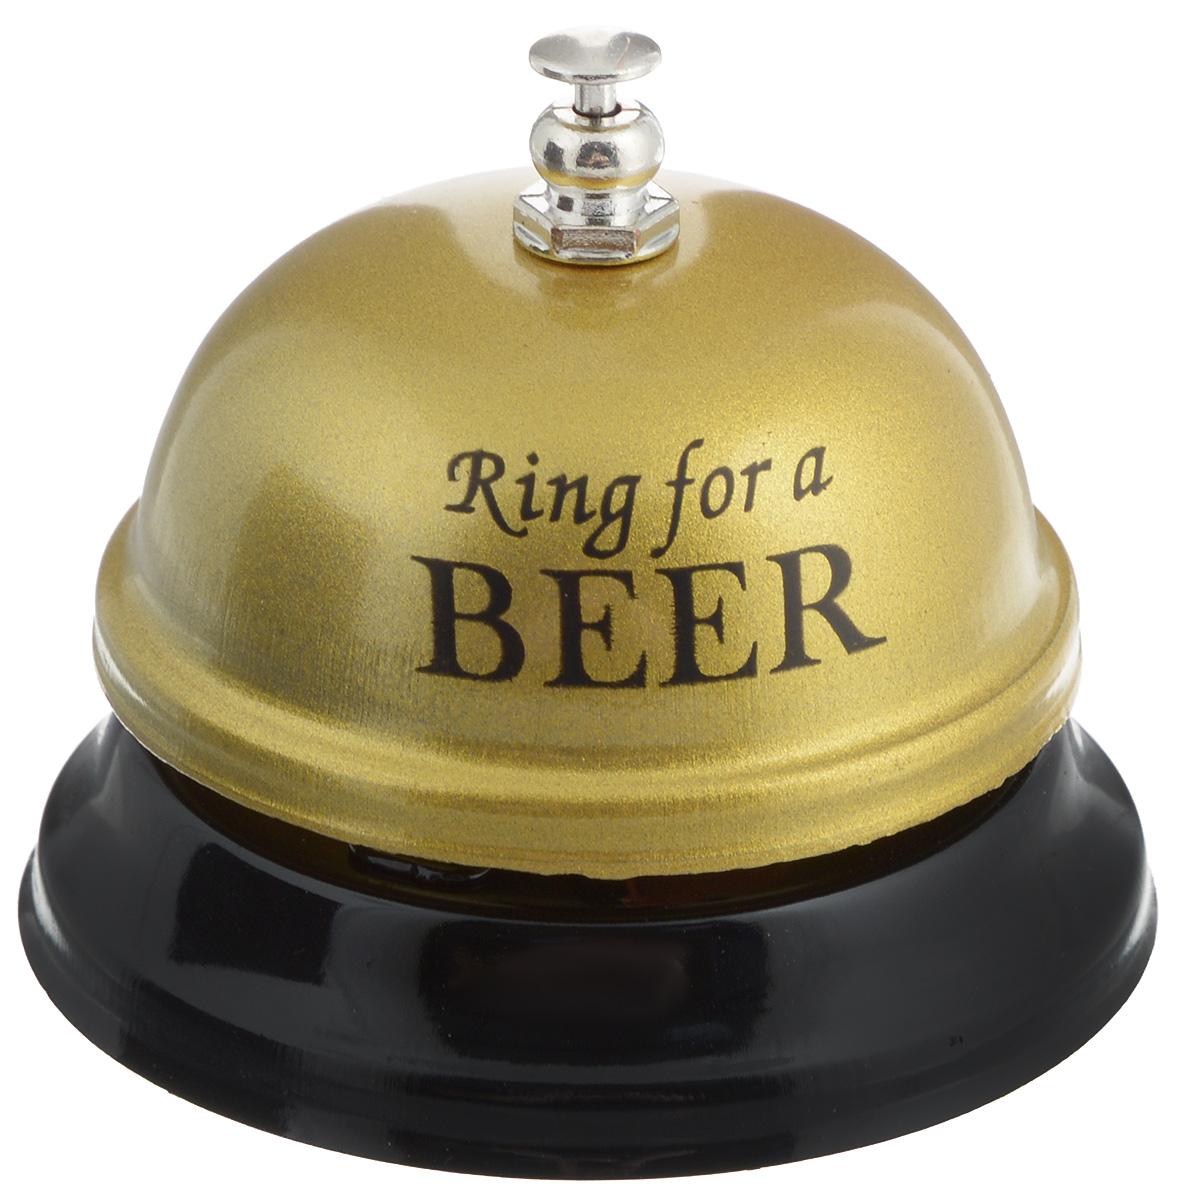 Звонок настольный Эврика Ring For A Beer95090Механический настольный звонок Эврика Ring For A Beer изготовлен из металла. С его помощью вы можете оповещать ваших близких о своих желаниях. Этот звонок будет отличным подарком, который подарит улыбку и радость.